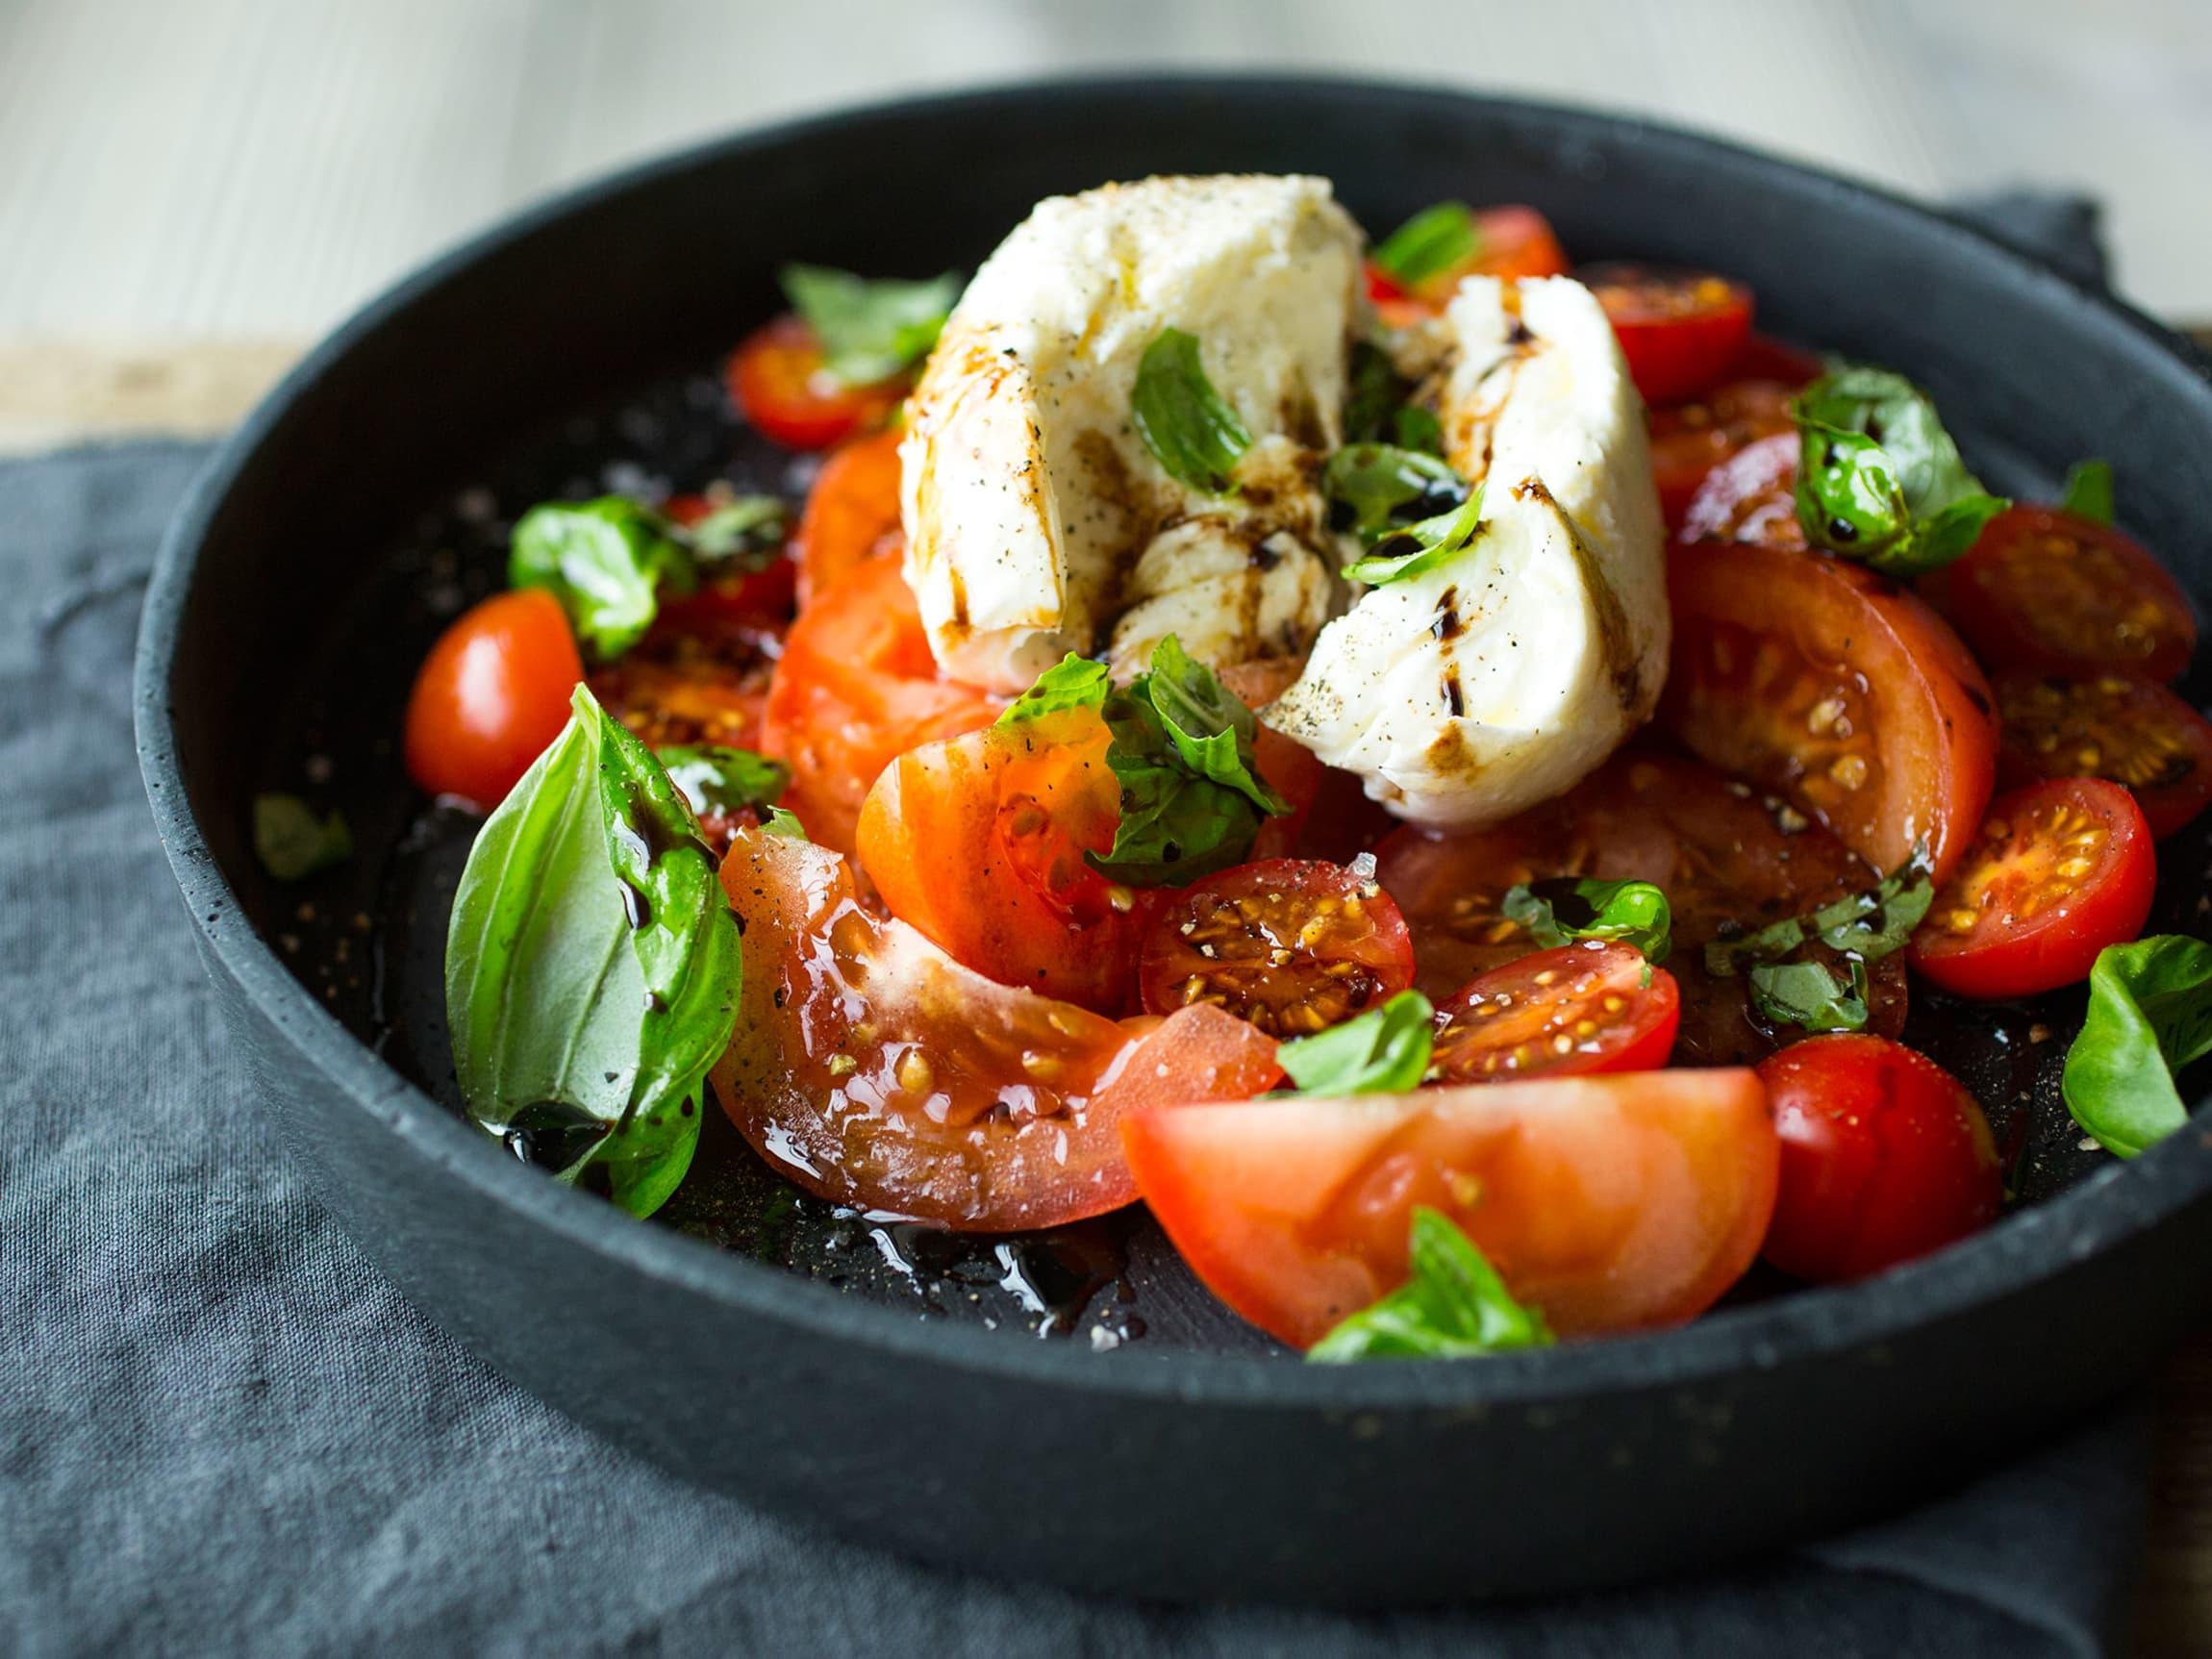 Tomat- og mozzarellasalat er god sommermat.